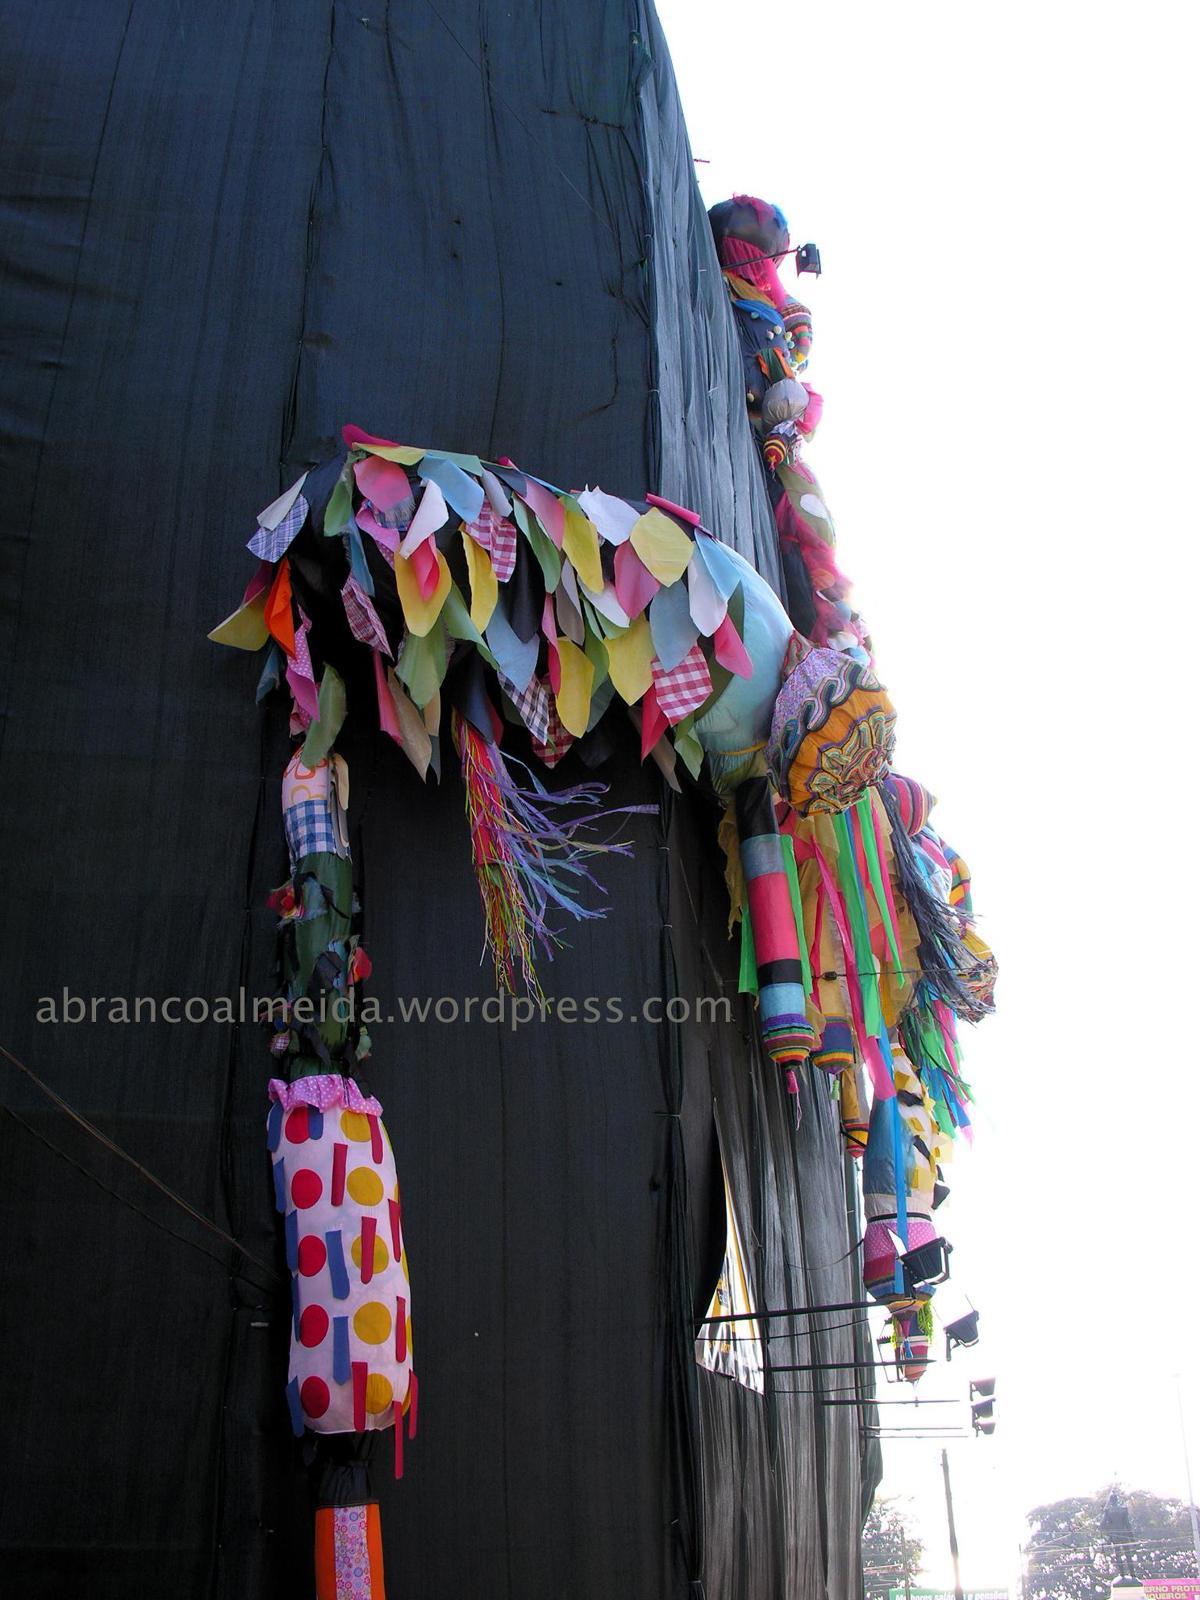 aba_20090111_joana-vasconcelos_2370